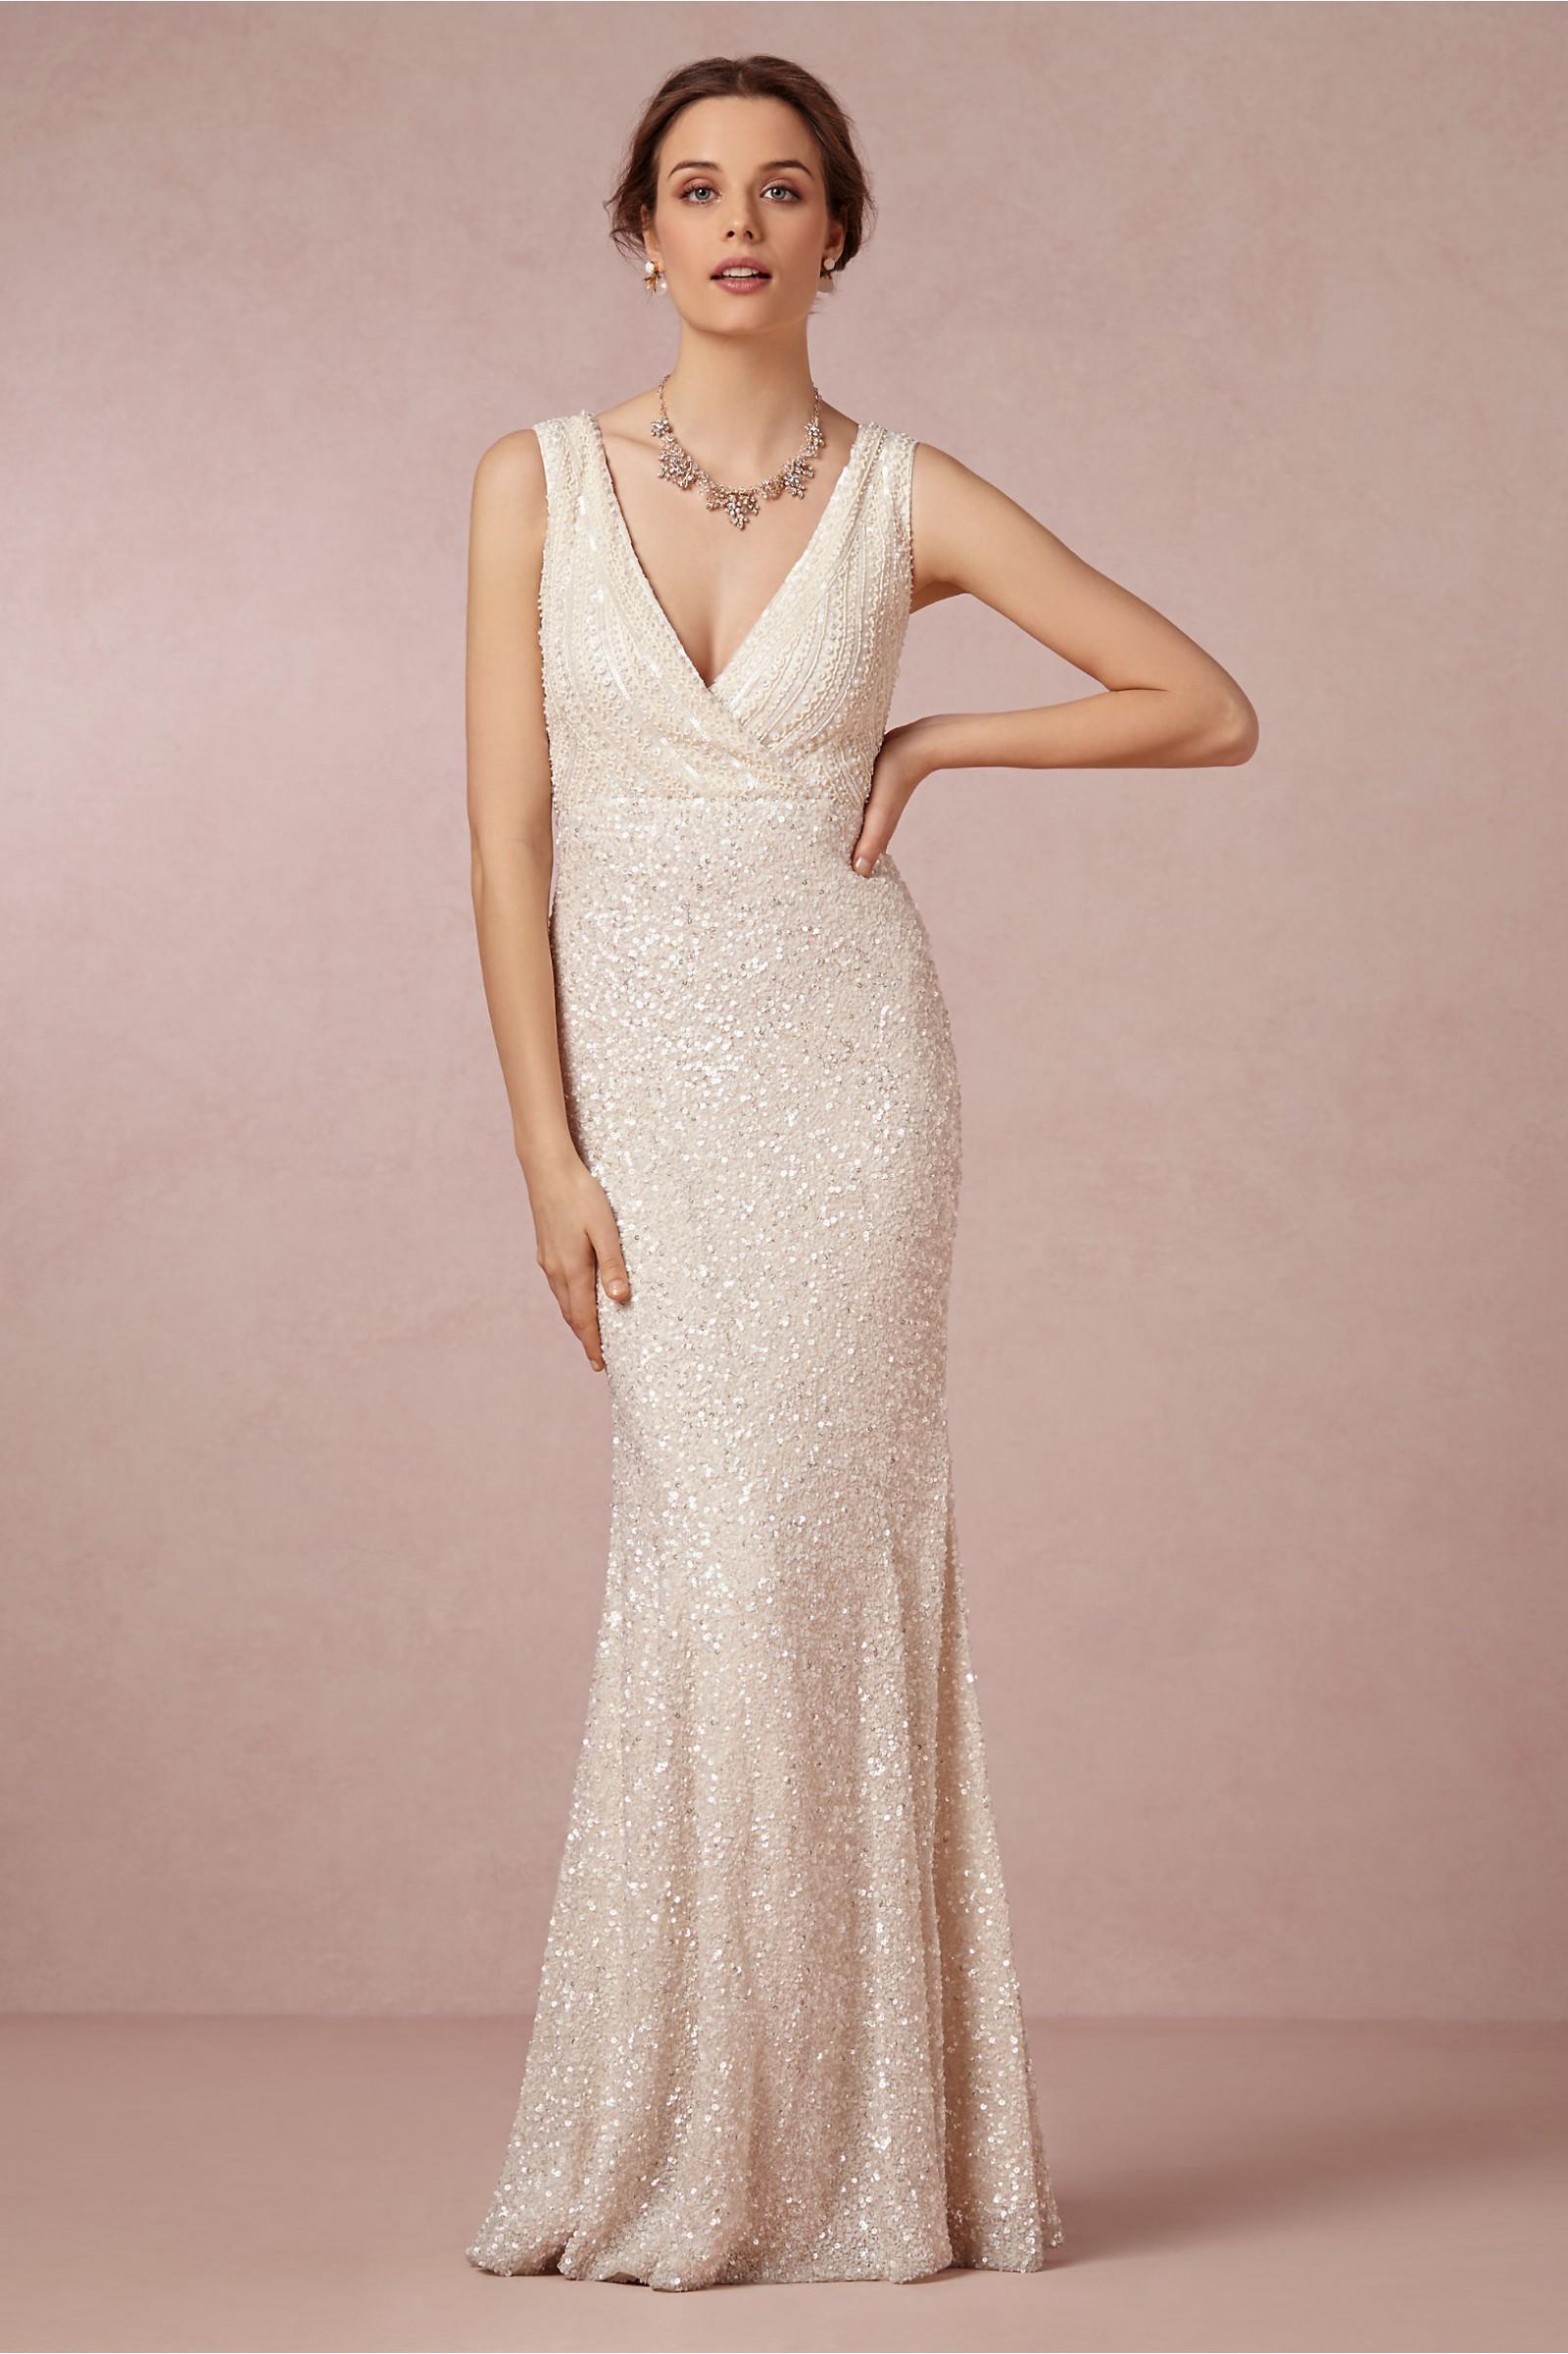 Sell Wedding Dress  Nz : Rachel gilbert candence wedding dress on sale off